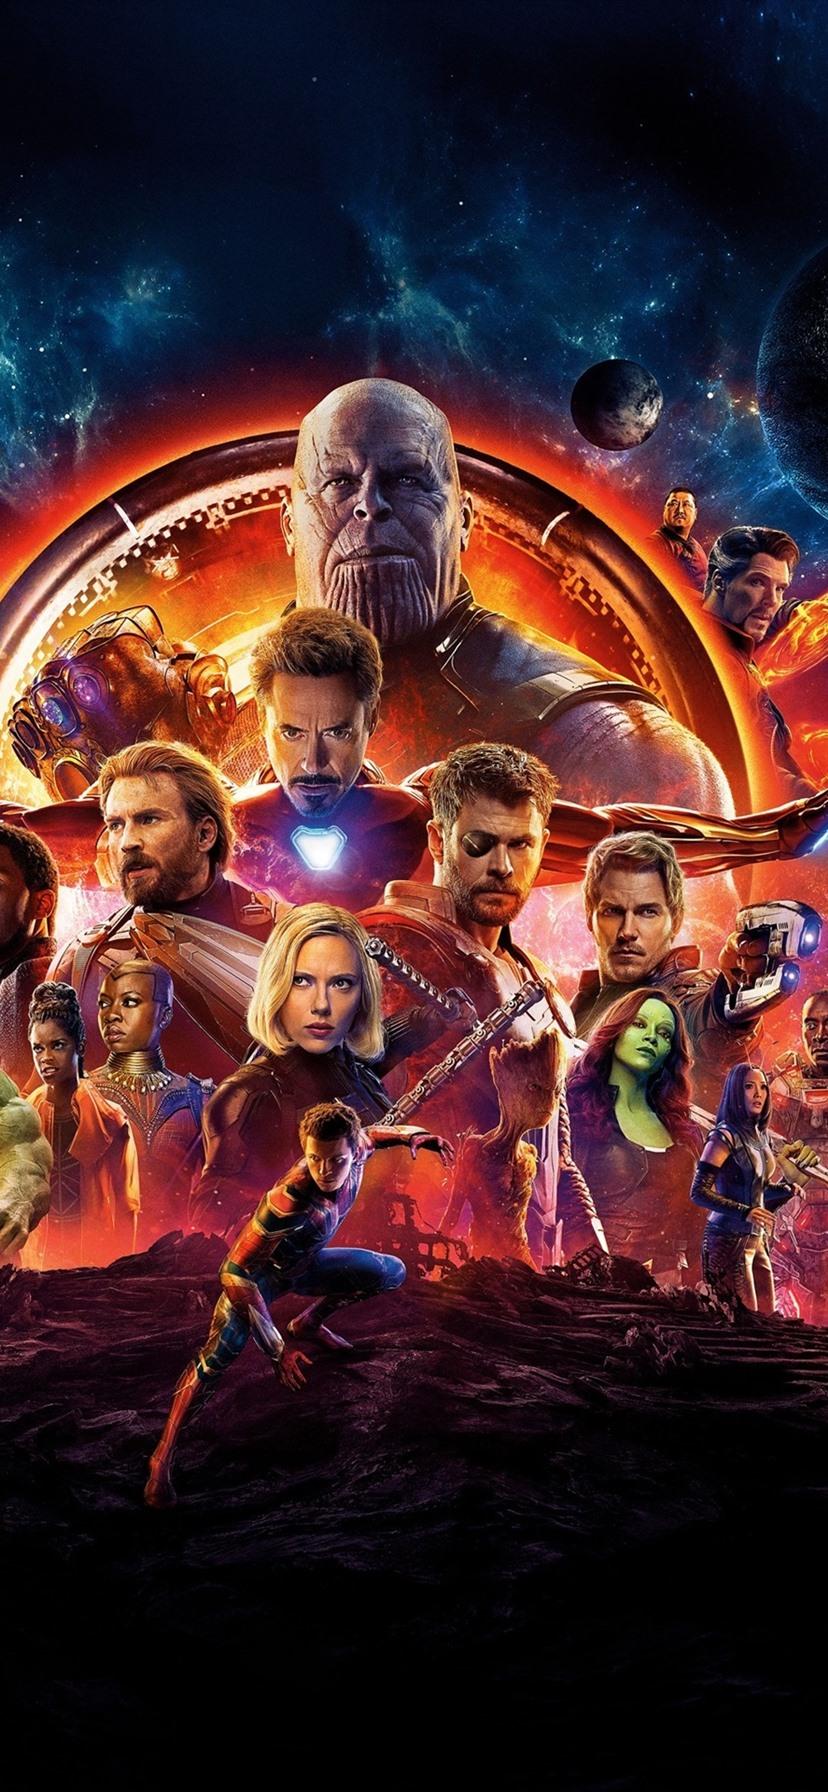 Marvel Avengers Wallpaper Phone Wallpapers